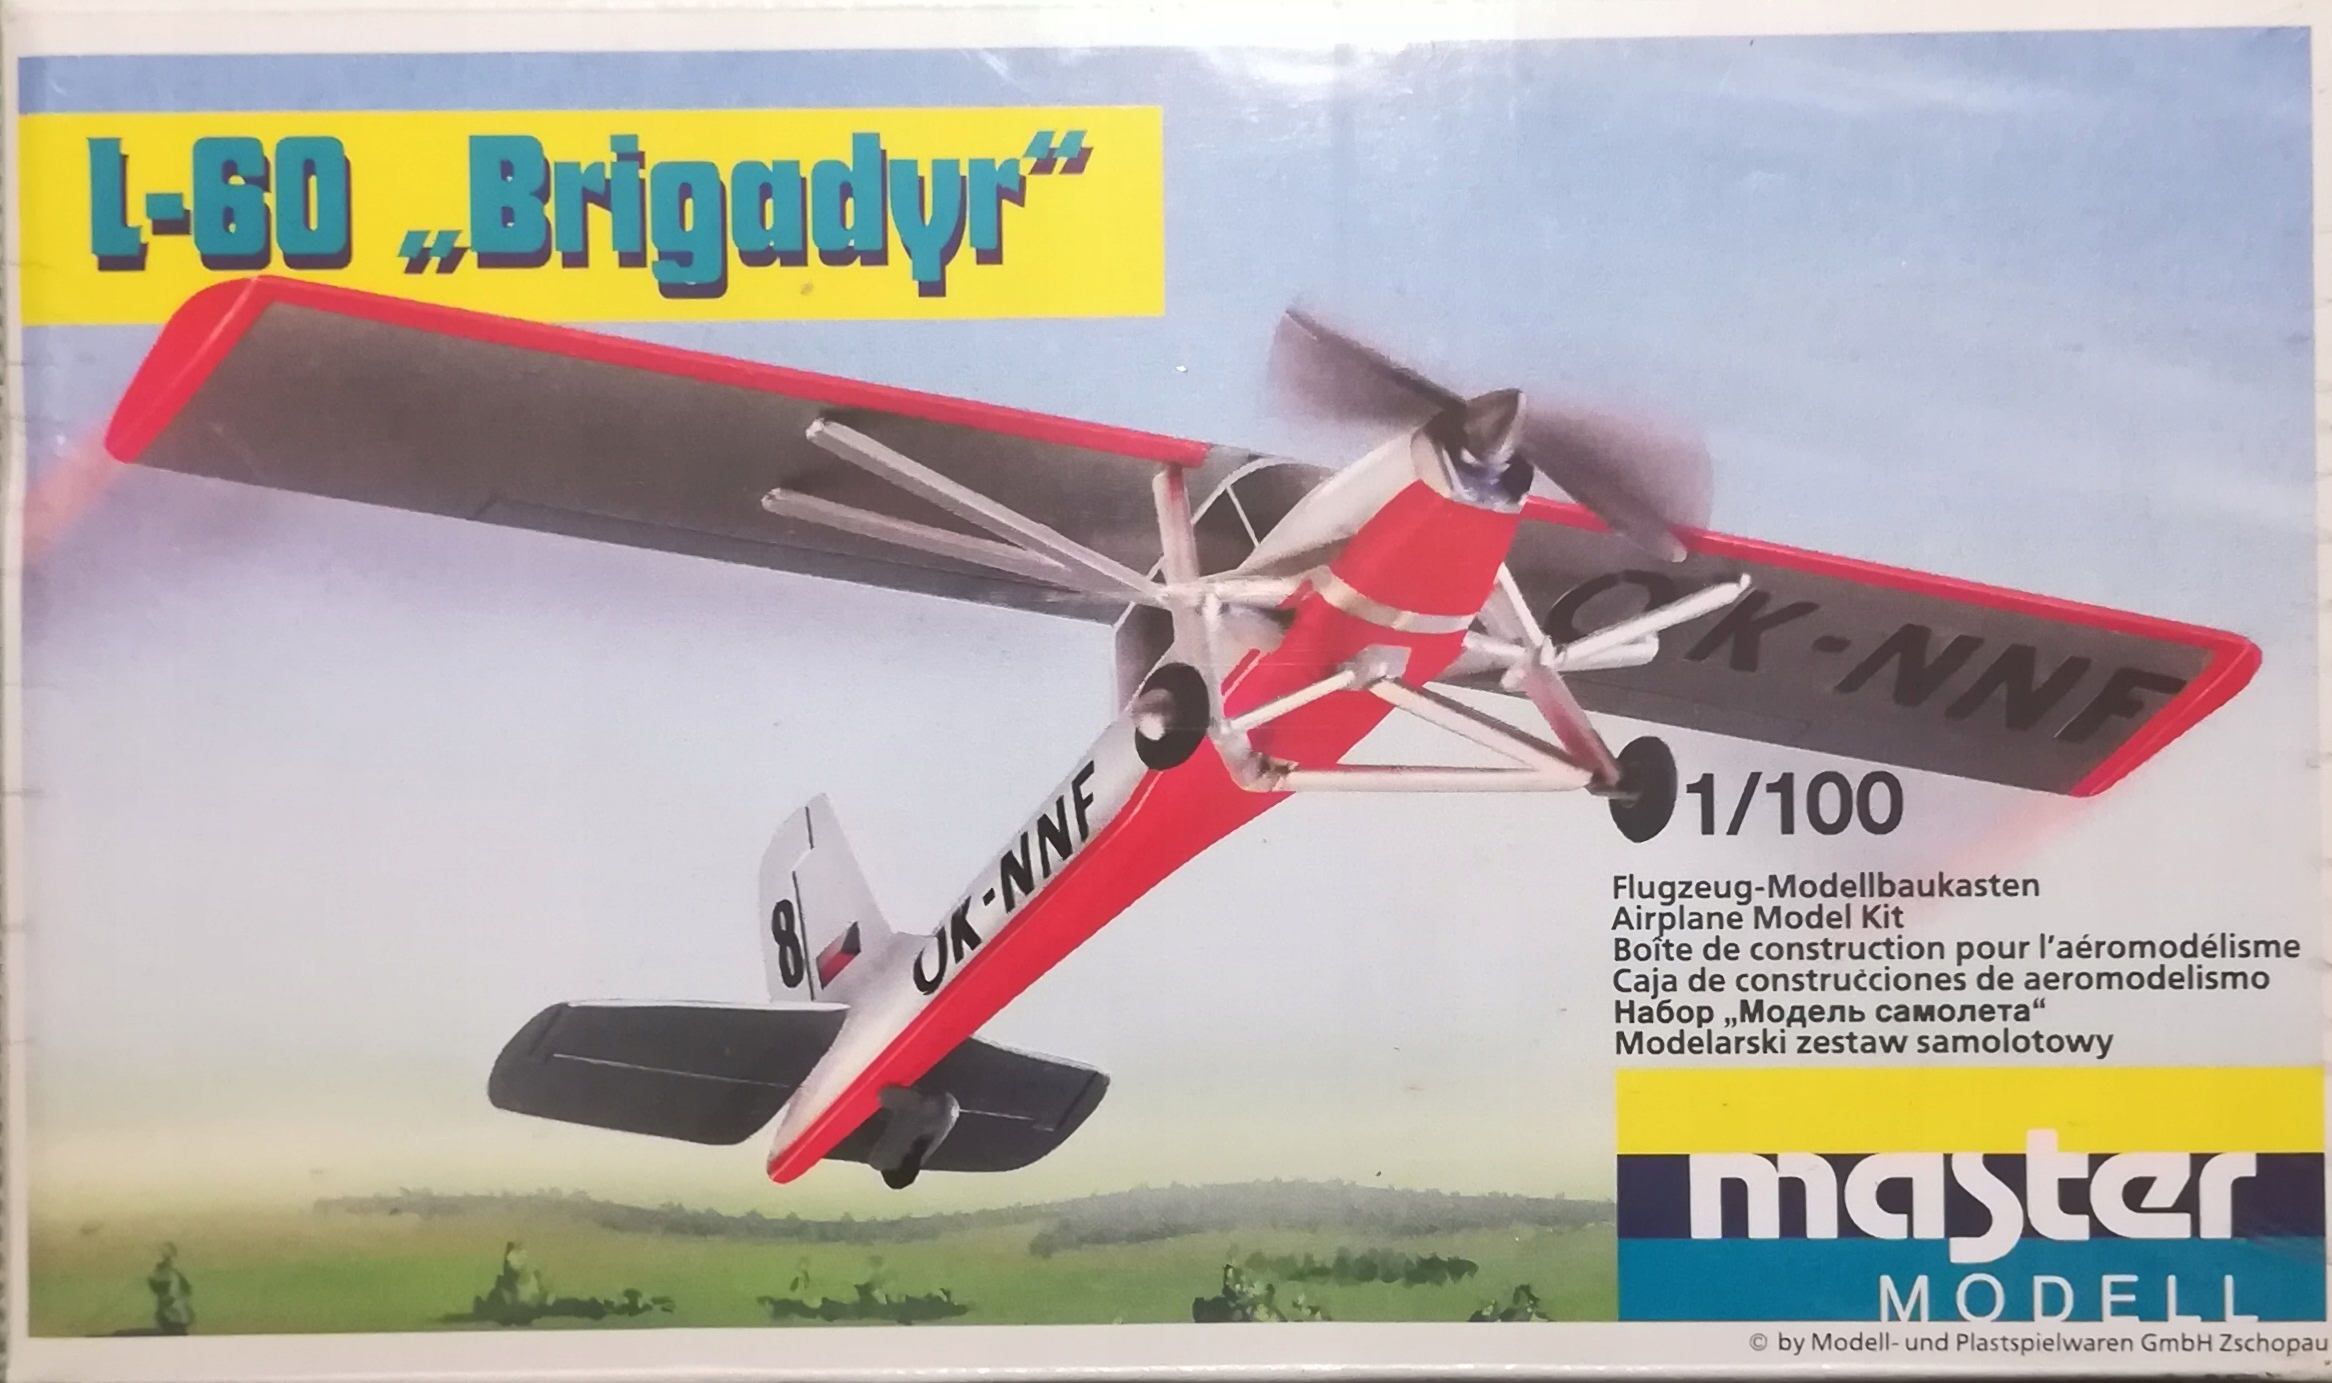 1:100 L-60 Brigadyr VEB Plasticart/Master Modell